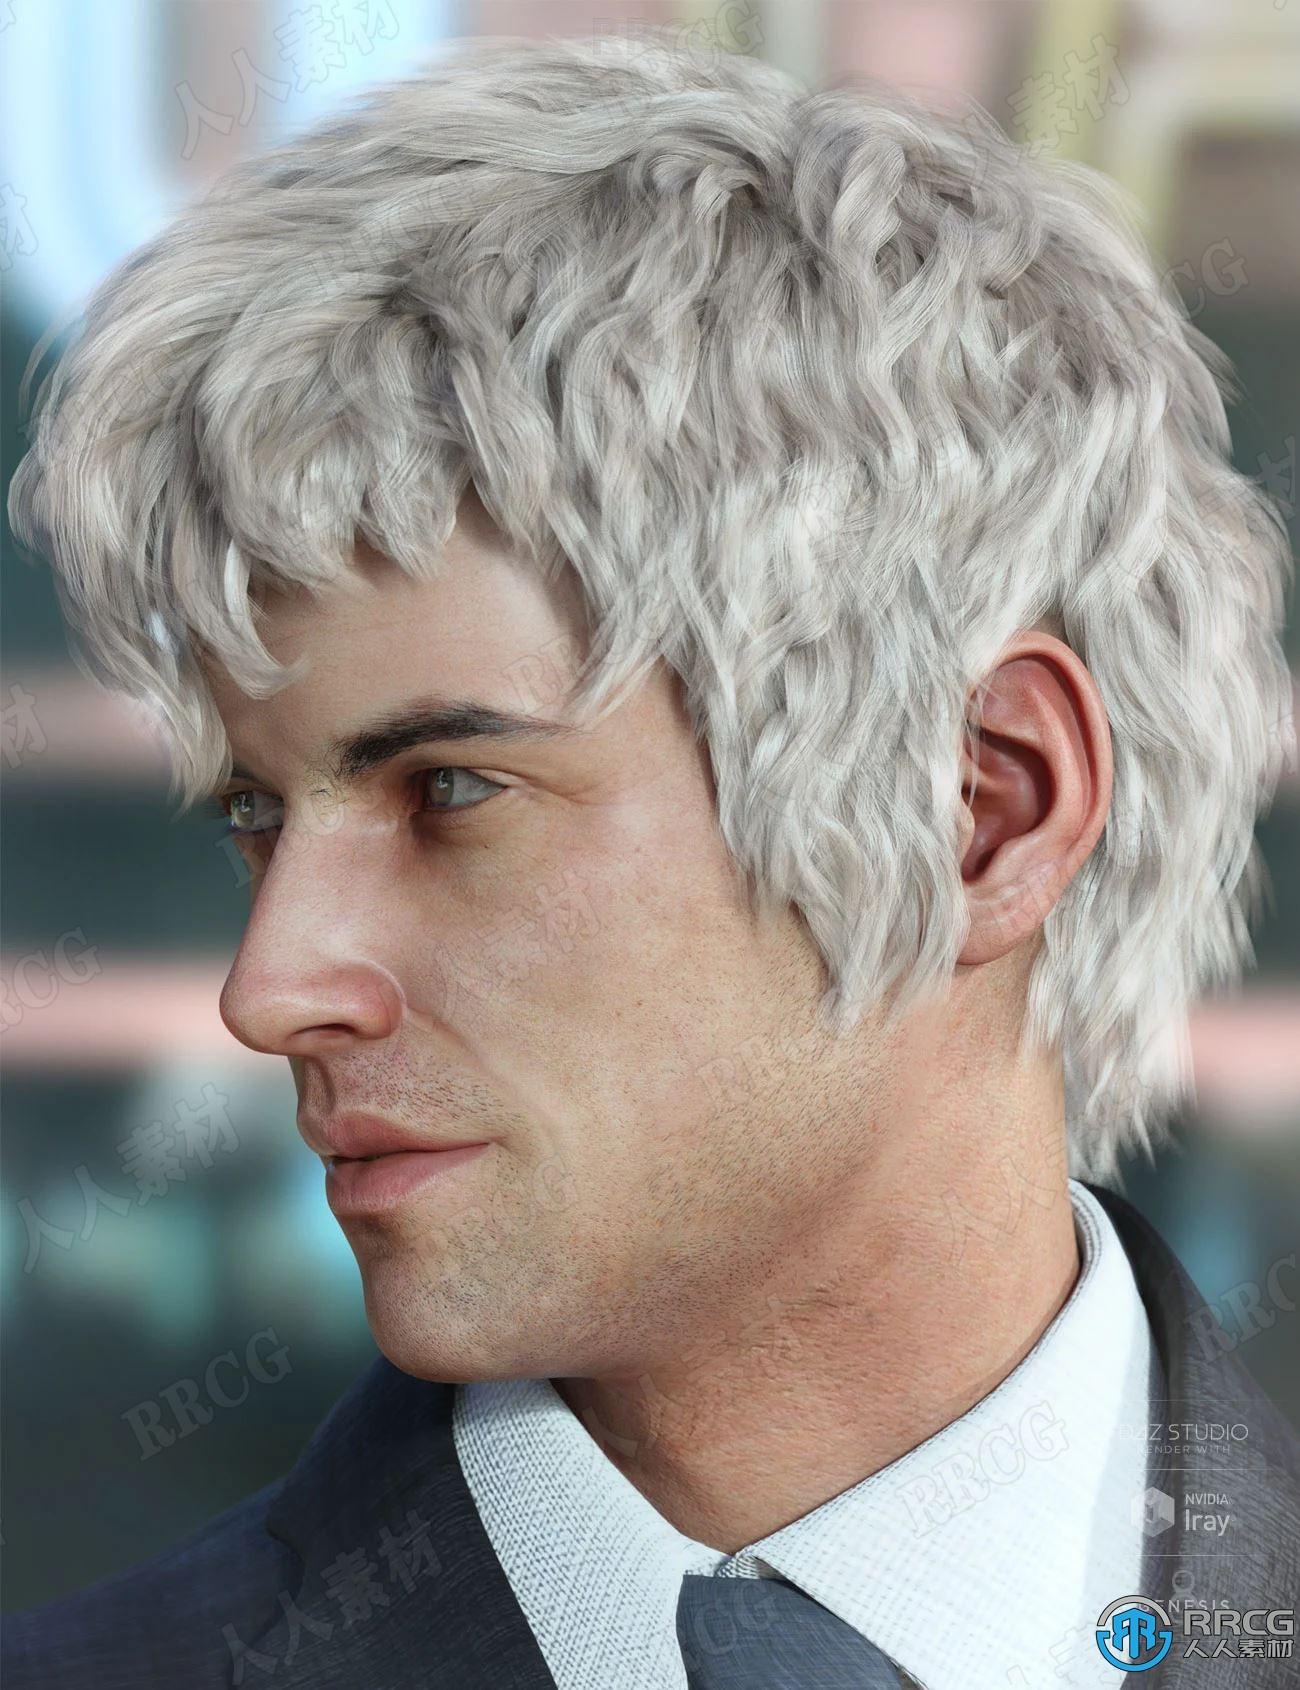 不同发色波浪卷发男性发型3D模型合集